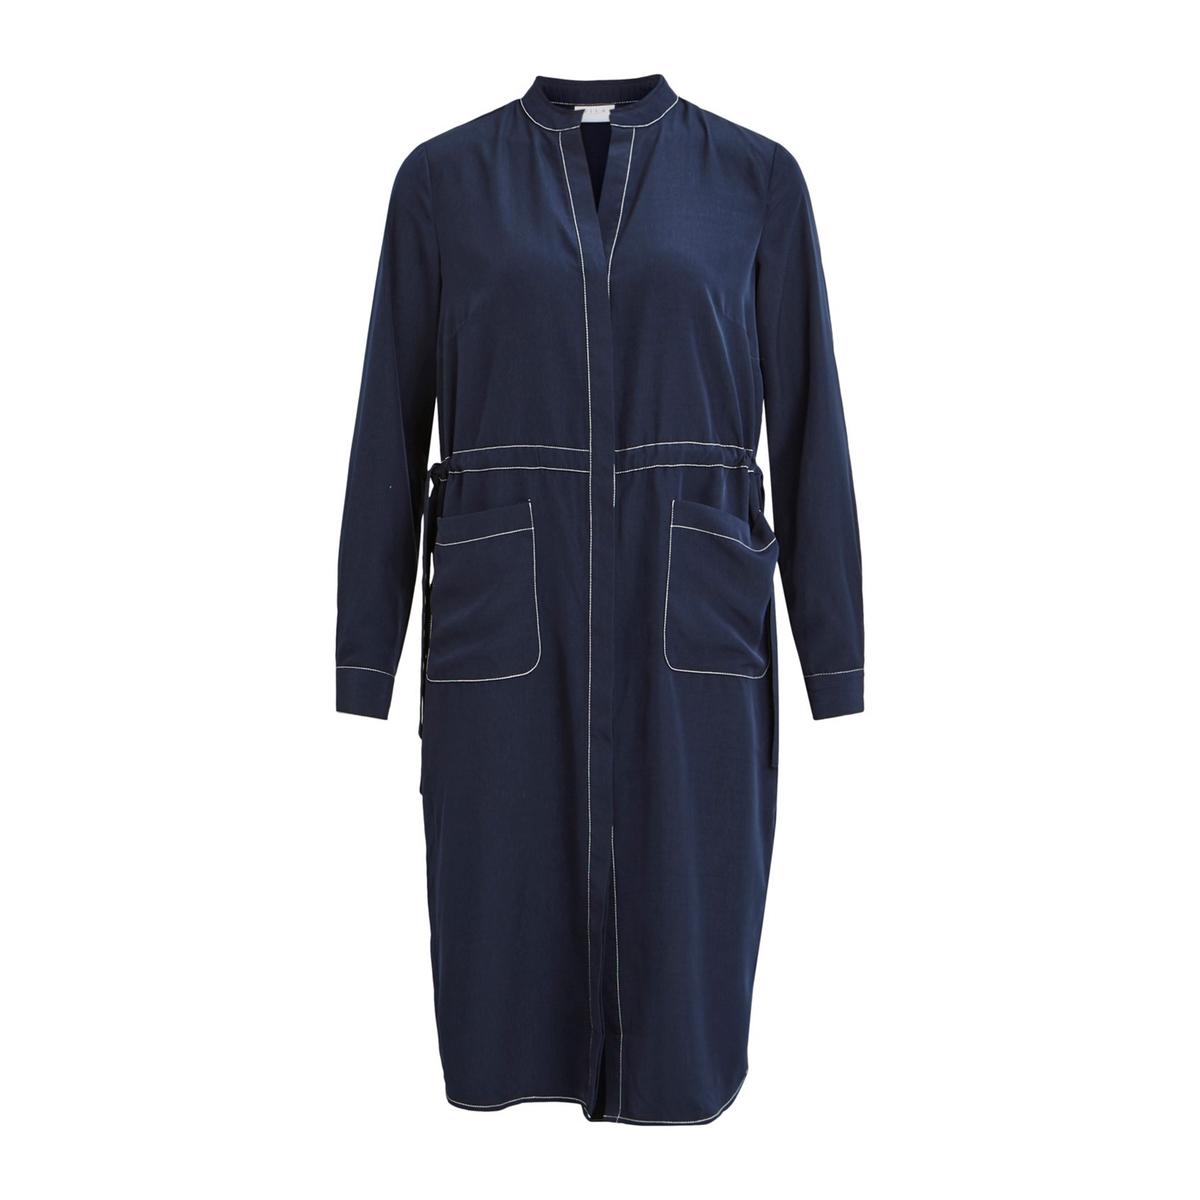 Платье-рубашка La Redoute Струящееся с длинными рукавами 34 (FR) - 40 (RUS) синий платье la redoute прямое струящееся cienna 2 m синий